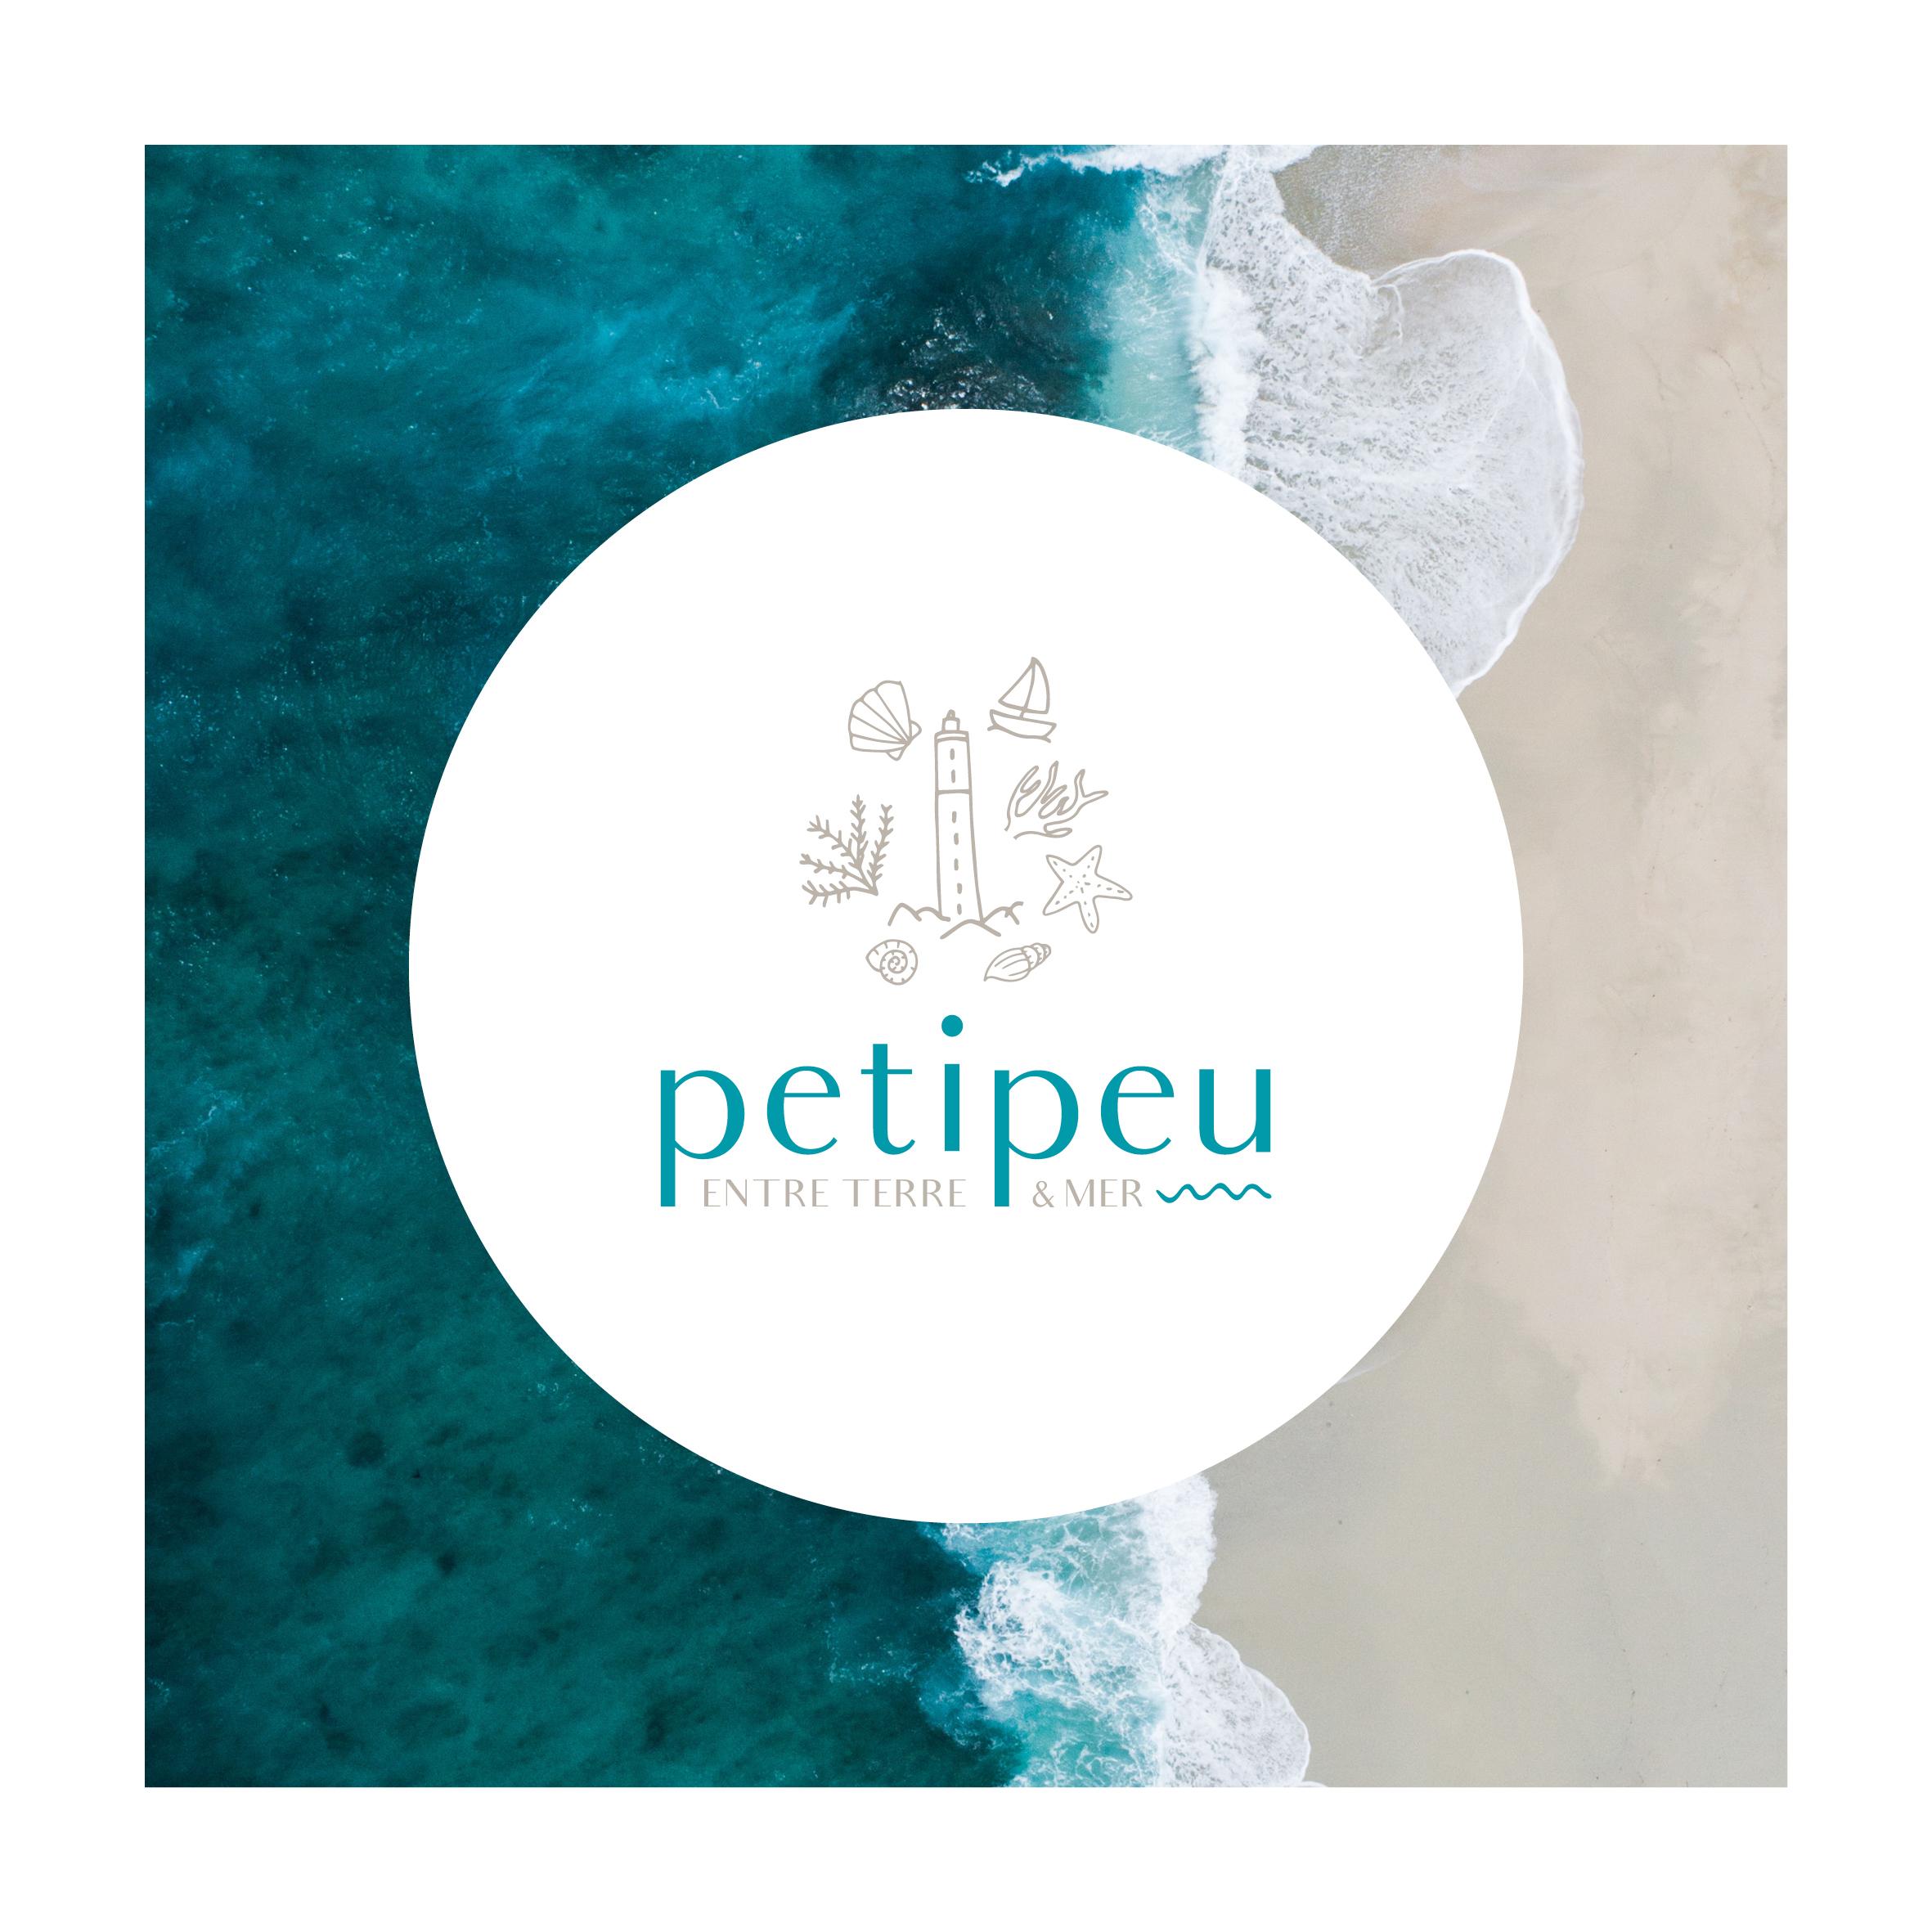 Activités liées à la mer (restaurant, marque bretonne, épicerie fine...)